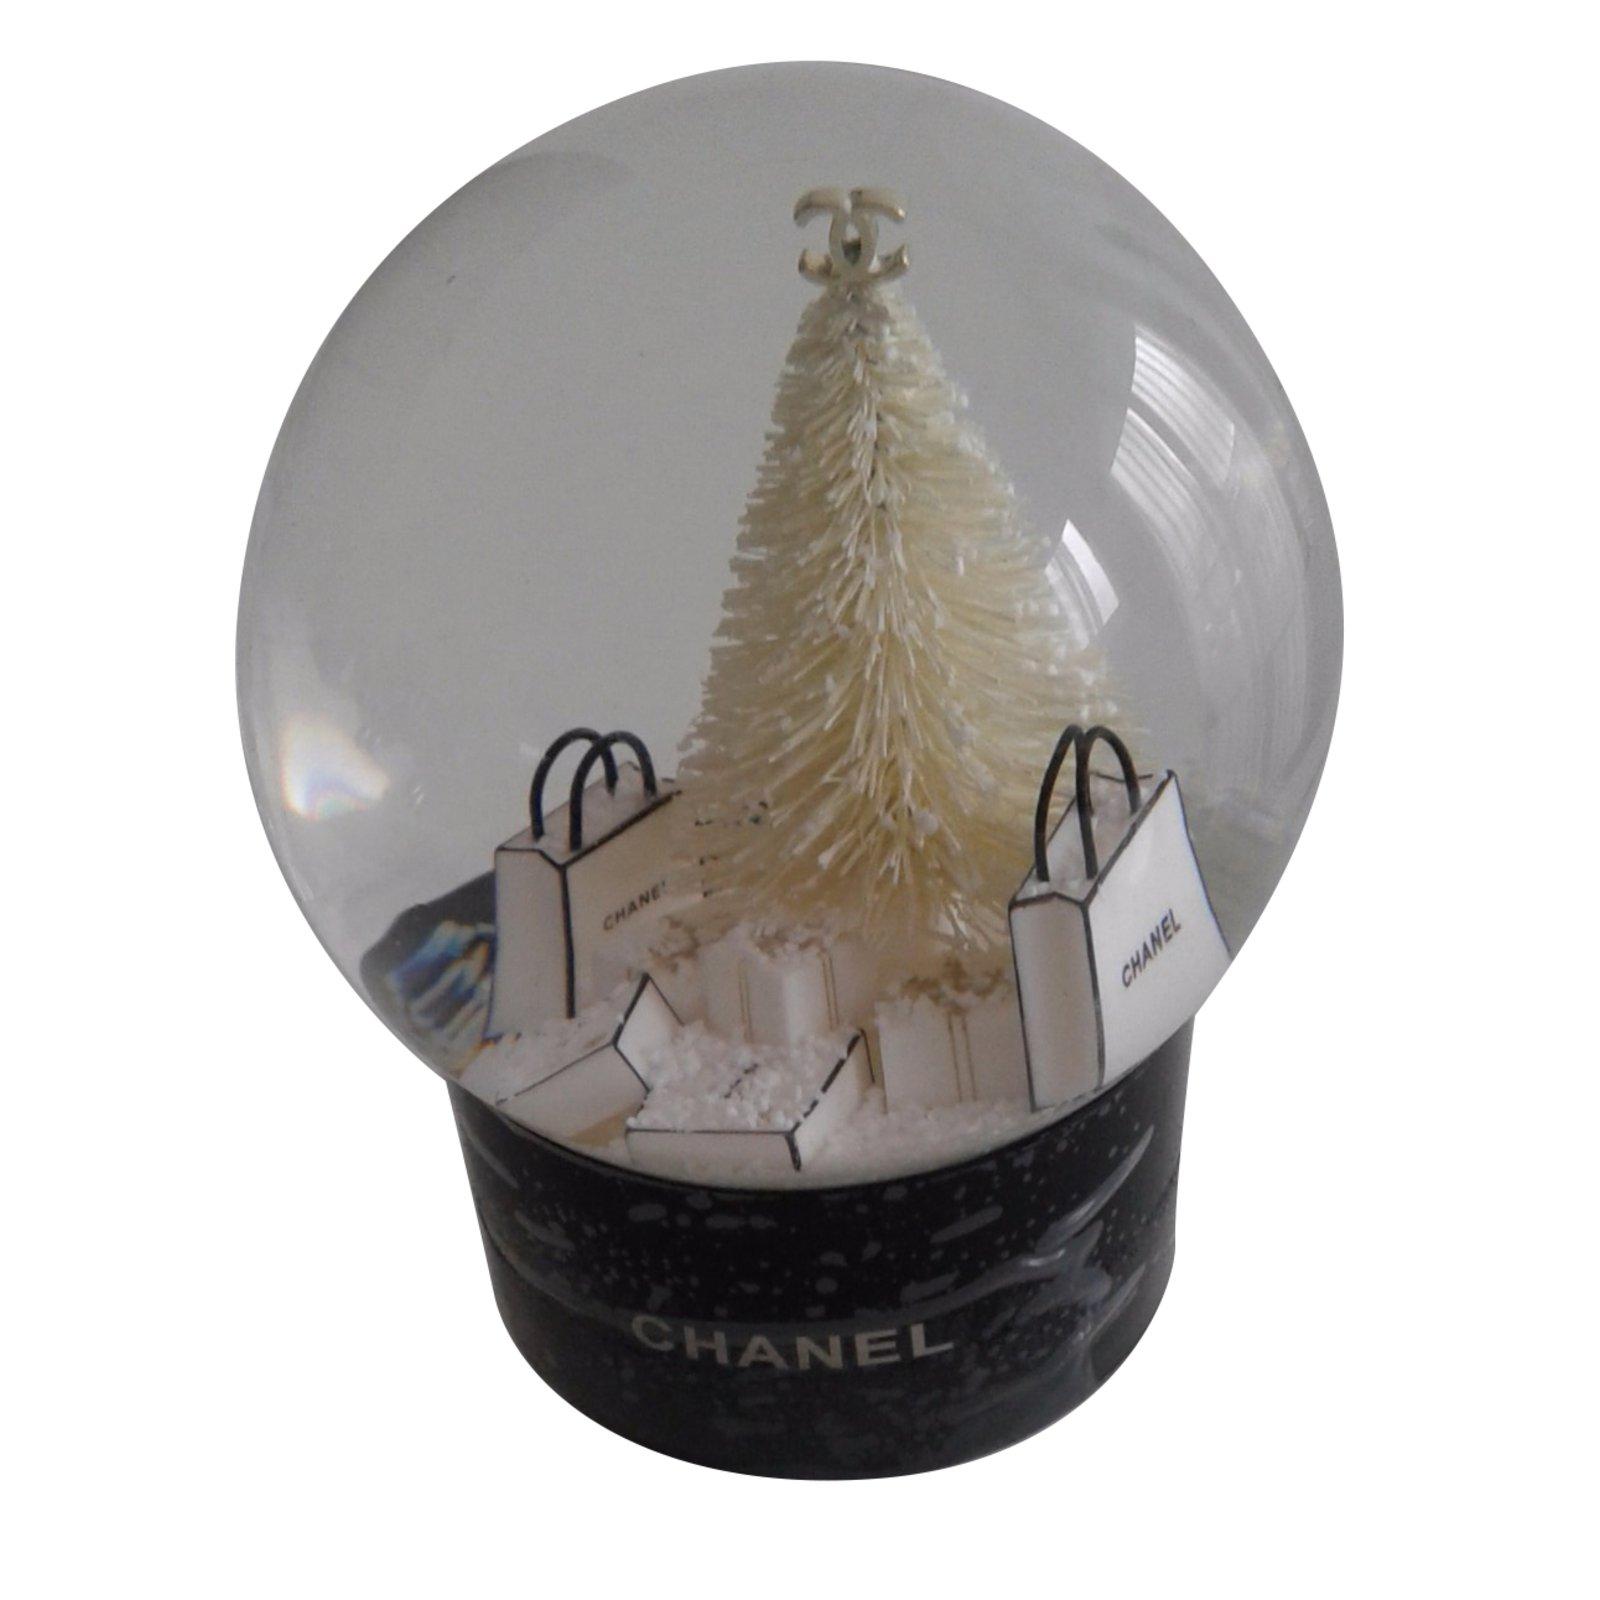 cadeaux vip chanel boule neige autre noir. Black Bedroom Furniture Sets. Home Design Ideas